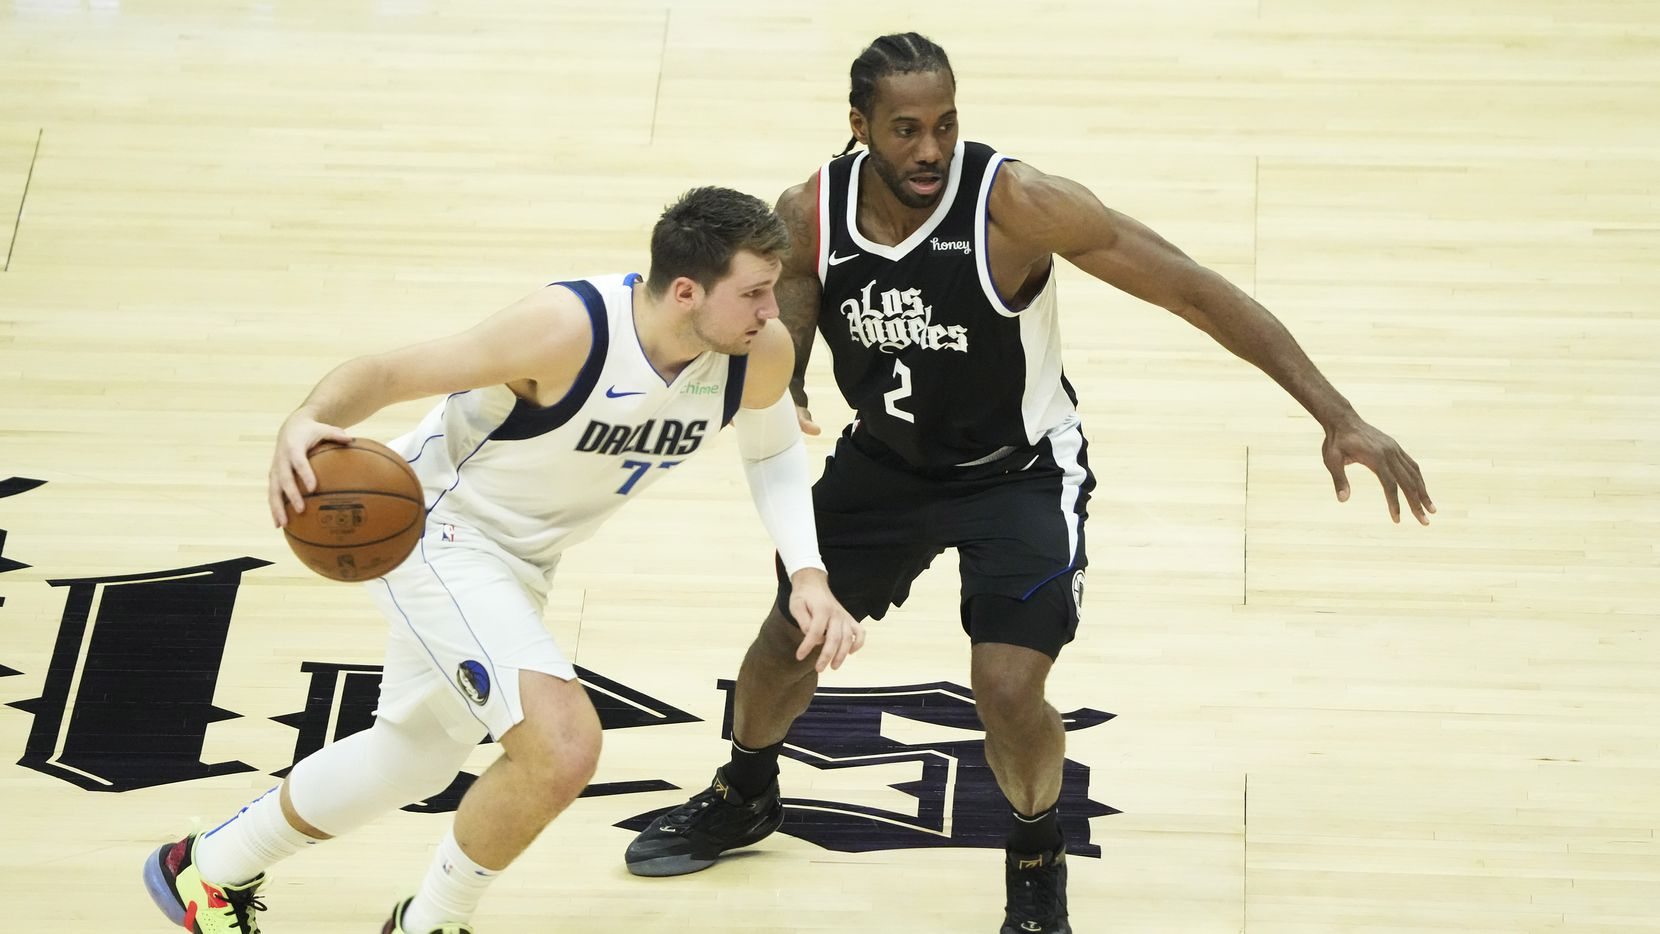 El jugador de los Mavericks de Dallas, Luka Doncic (izq), es custodiado por Kawhi Leonard, de los Clippers de Los Ángeles en un partido de playoffs, el 6 de junio de 2021 en el Staple center de Los Ángeles.